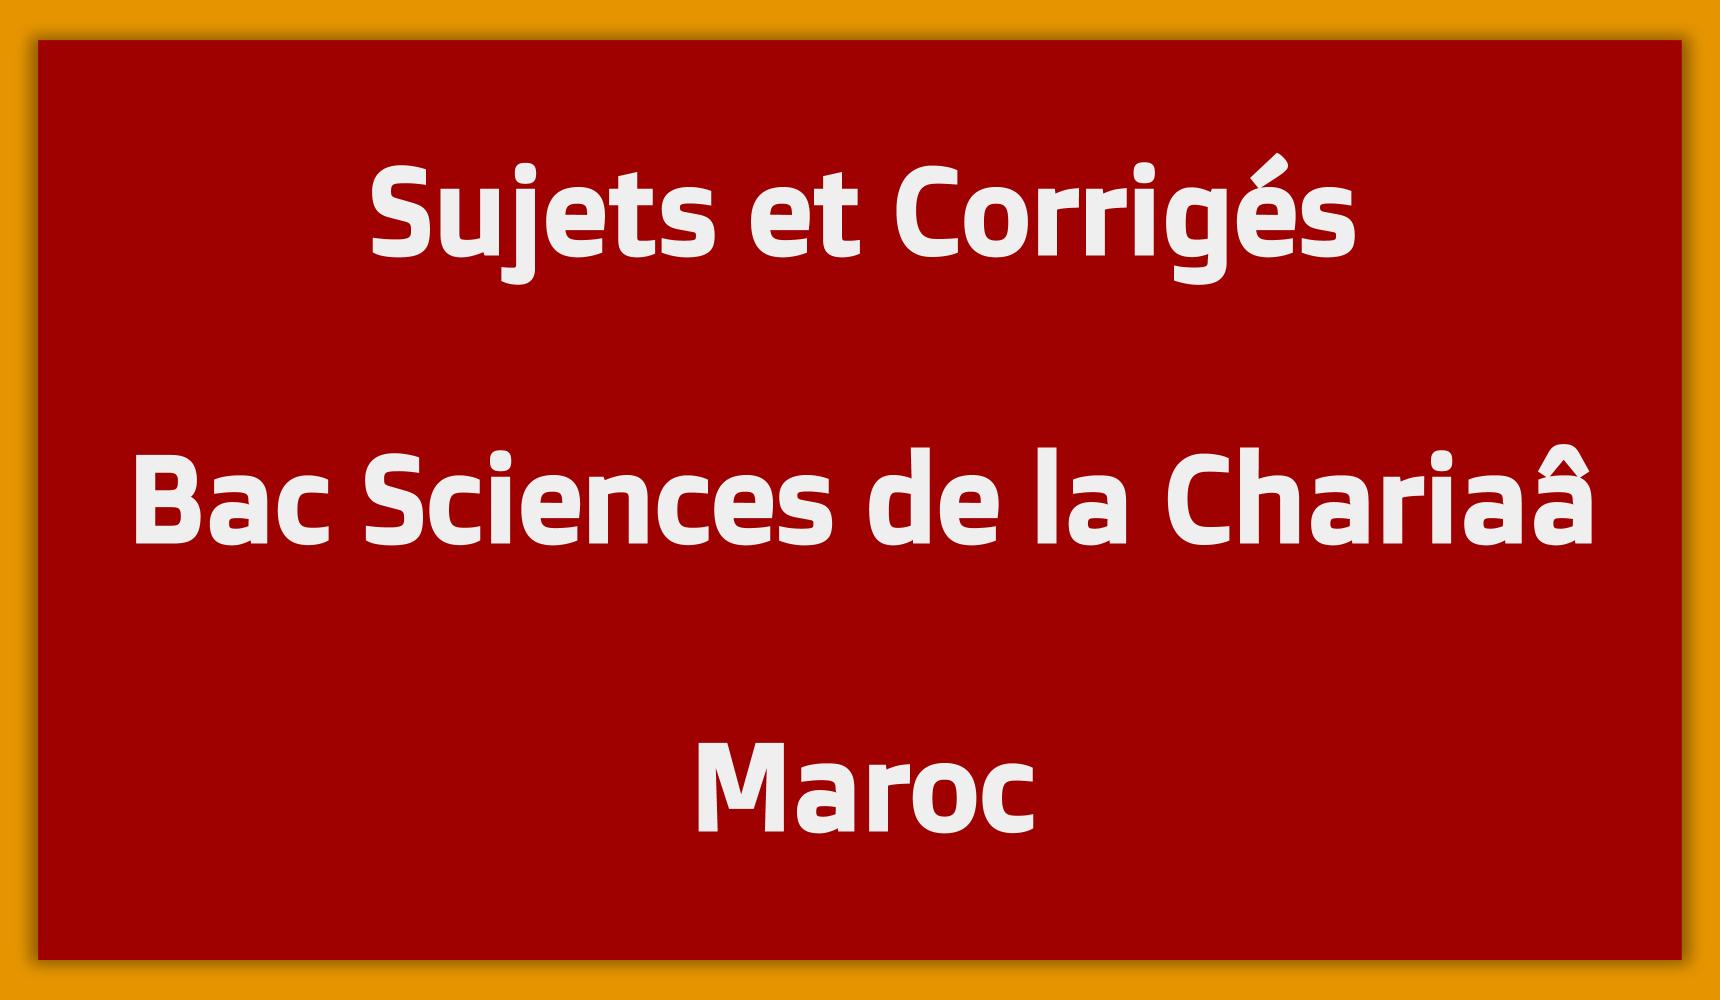 Sujets Corrigés Bac Sciences de la Chariaâ Maroc